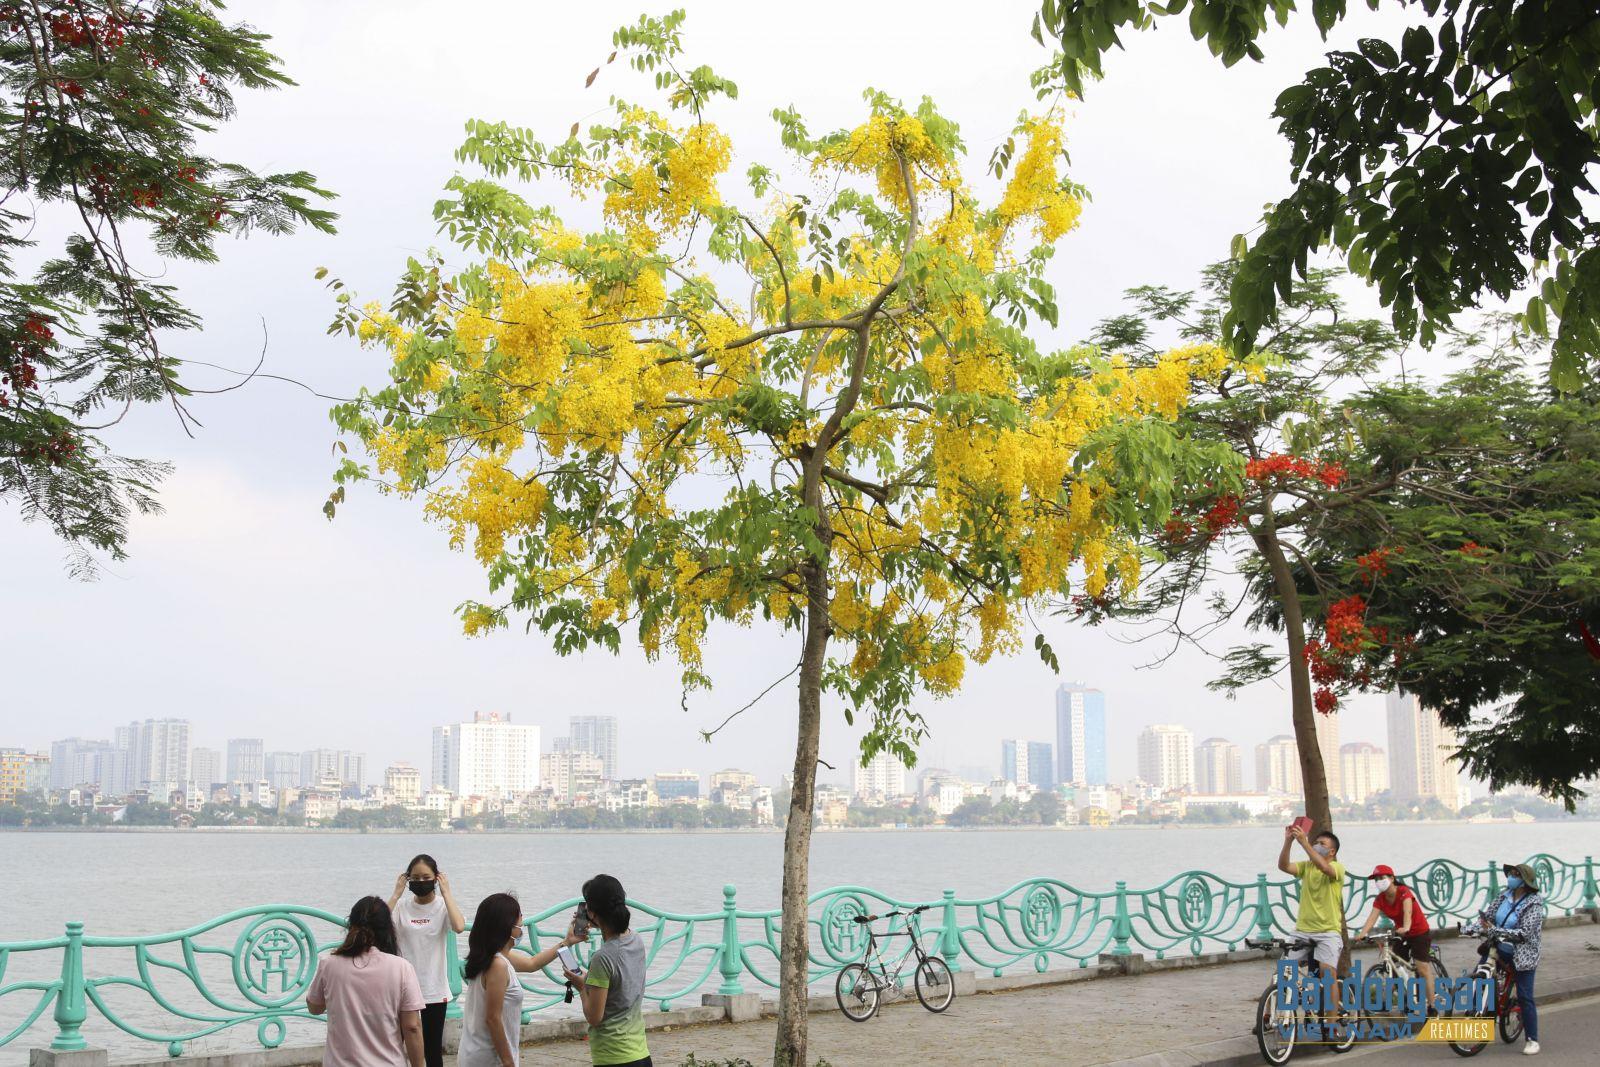 Ngắm nhìn loài hoa này, dù là người dân Thủ đô hay du khách phương xa cũng đều dễ dàng bị cuốn hút.